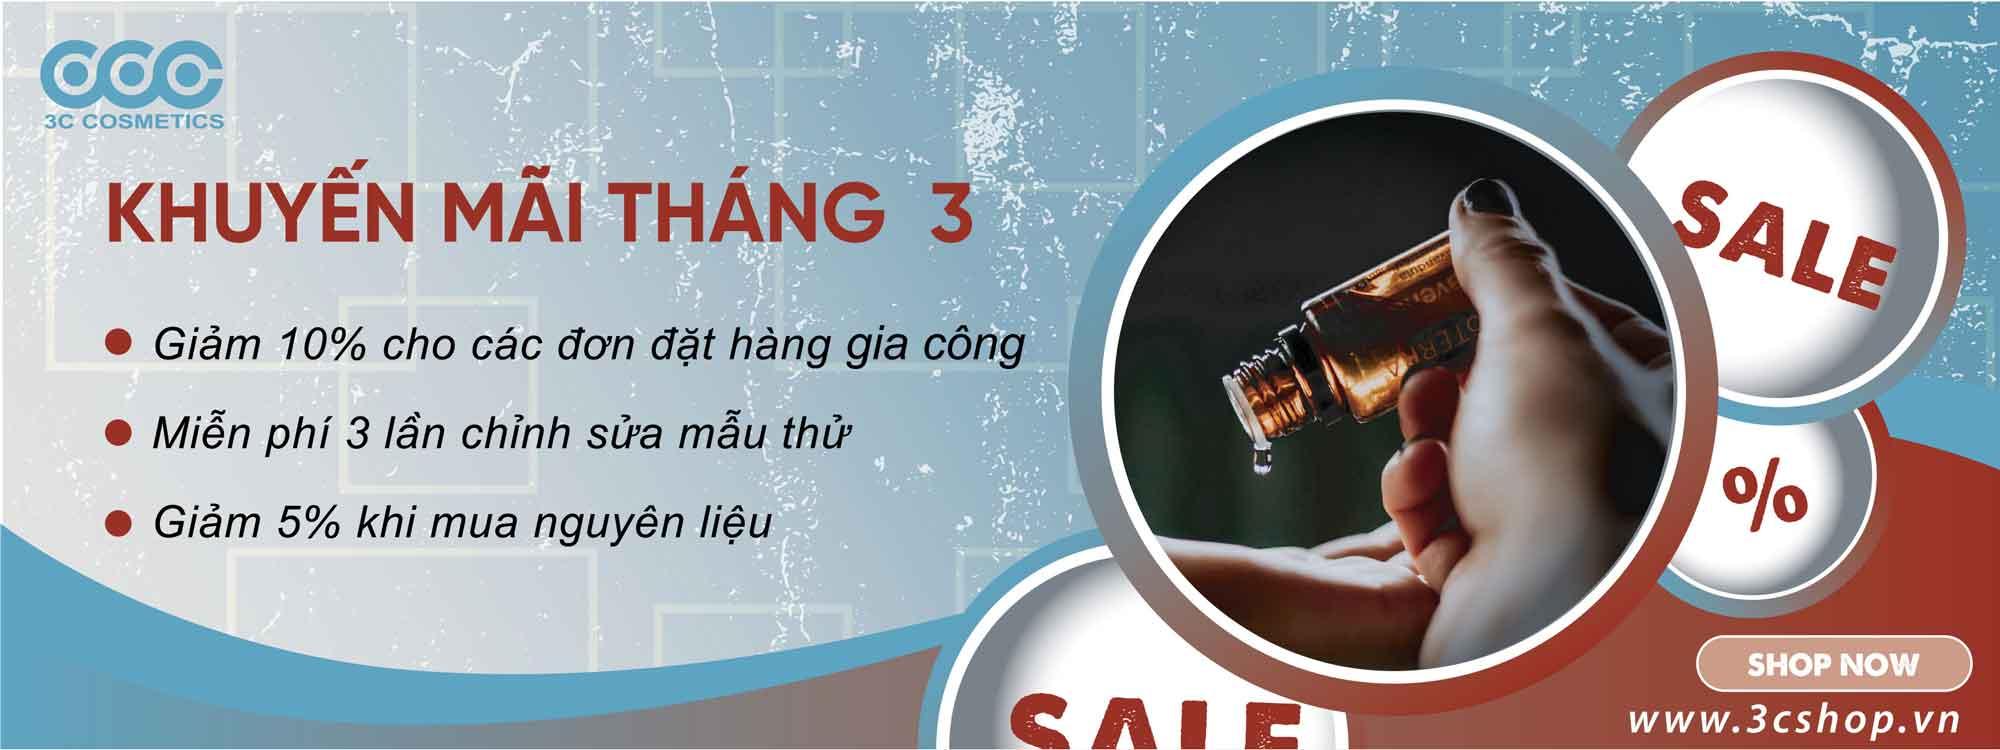 chuong-trinh-khuyen-mai-thang-3-2020